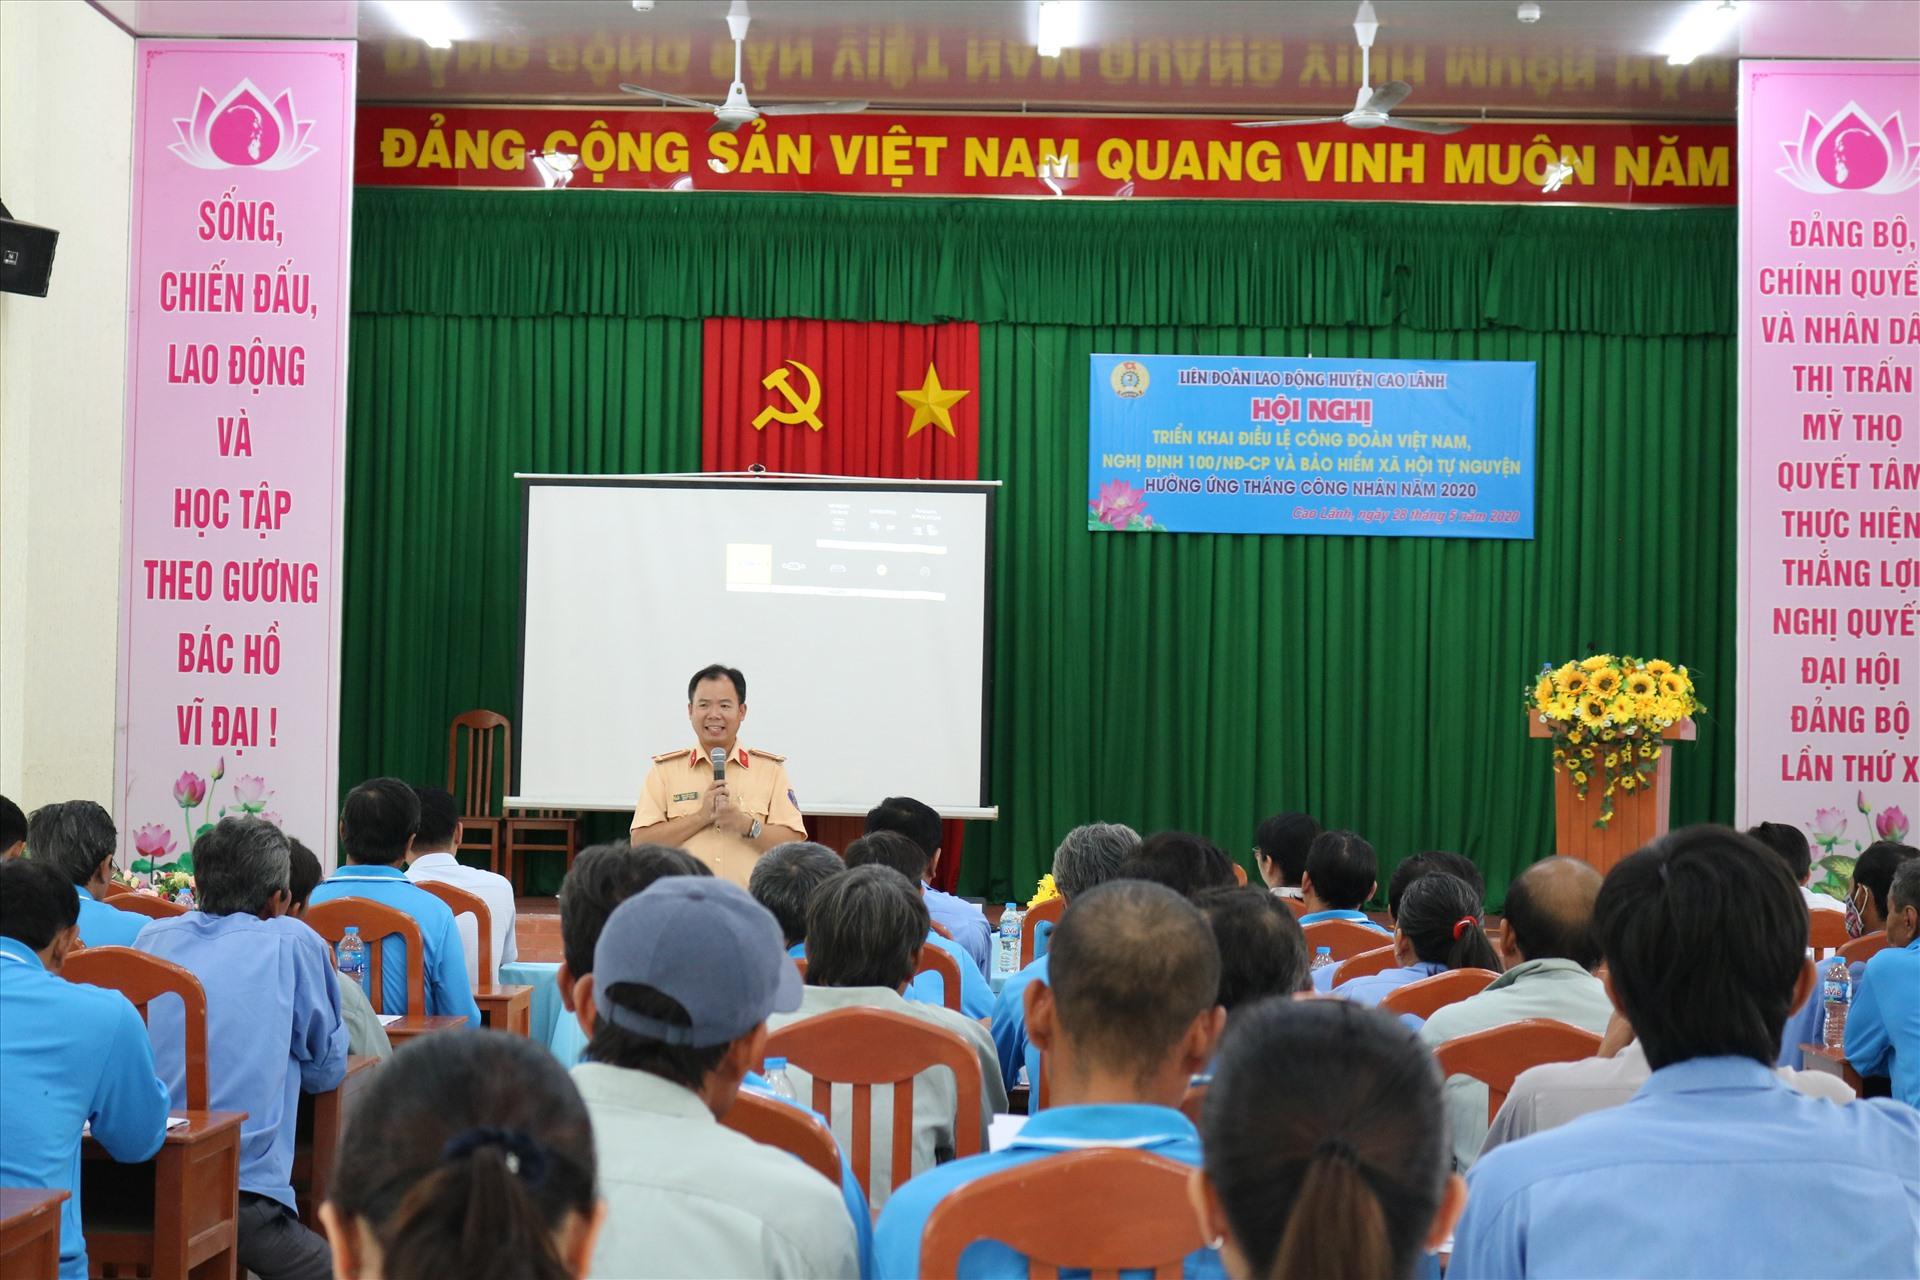 Đồng chí Nguyễn Văn Út - Đội phó đội CSGT đường bộ đường sắt công an huyện Cao Lãnh tuyên truyền Nghị định 100/2019/NĐ-CP.  Ảnh: HL